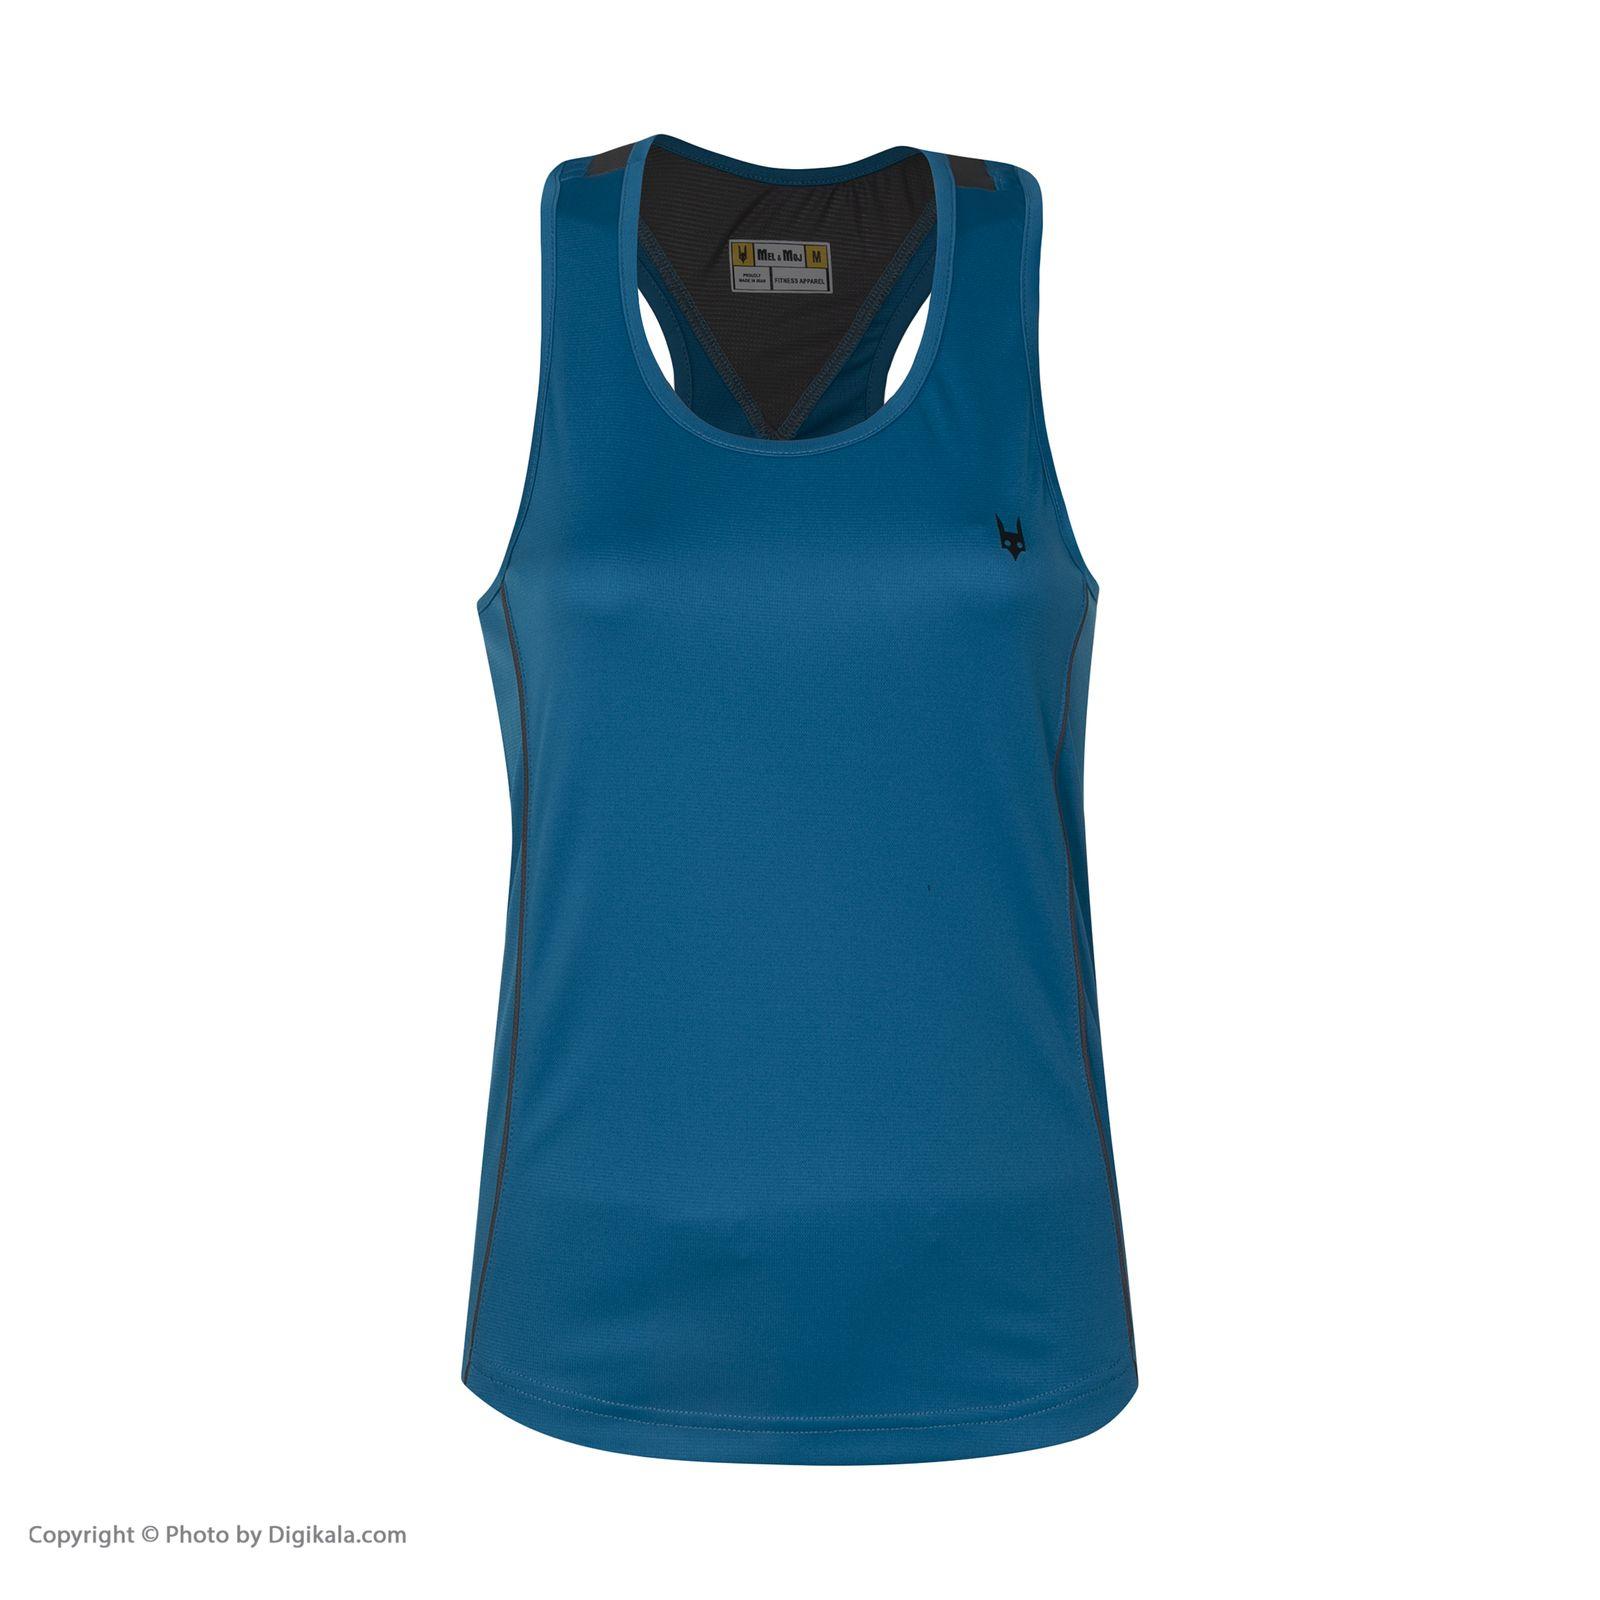 تاپ ورزشی زنانه مل اند موژ مدل W06339-410 -  - 3